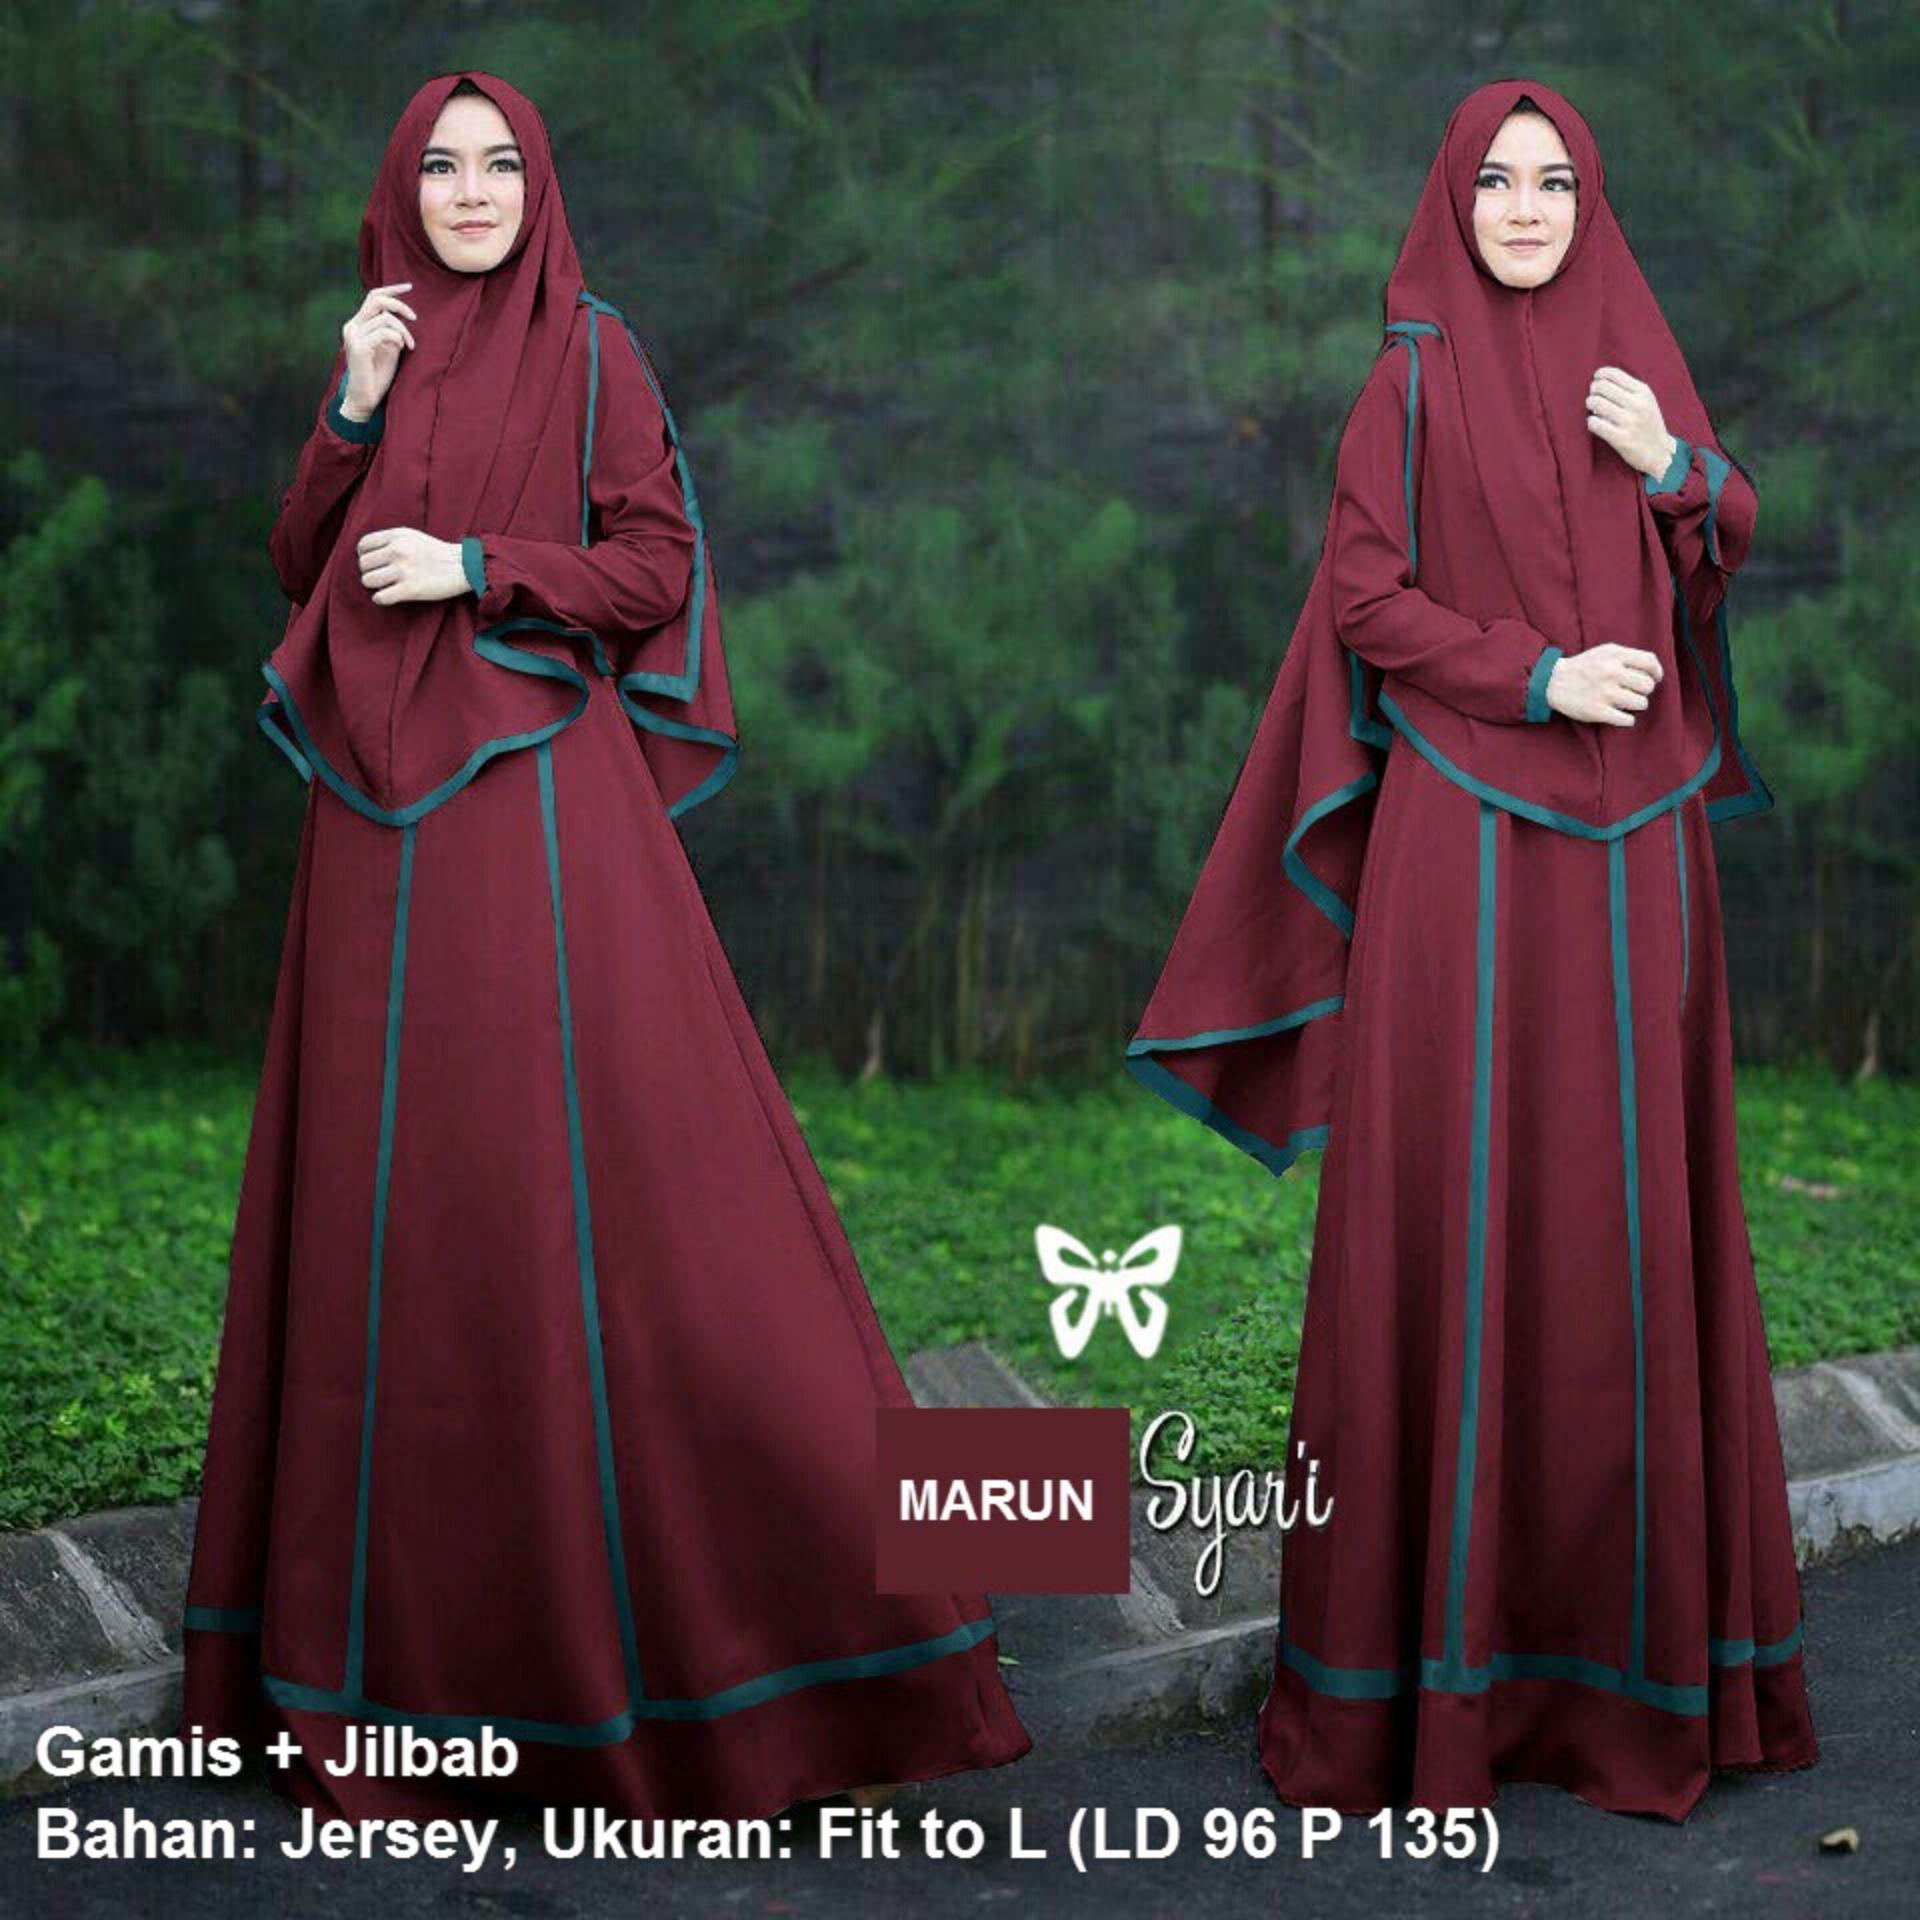 Jual Gamis Terbaru Terlengkap Khimar Panjang Pinguin Syari Set 2 In 1 Lis Msr012 Baju Muslim Wanita